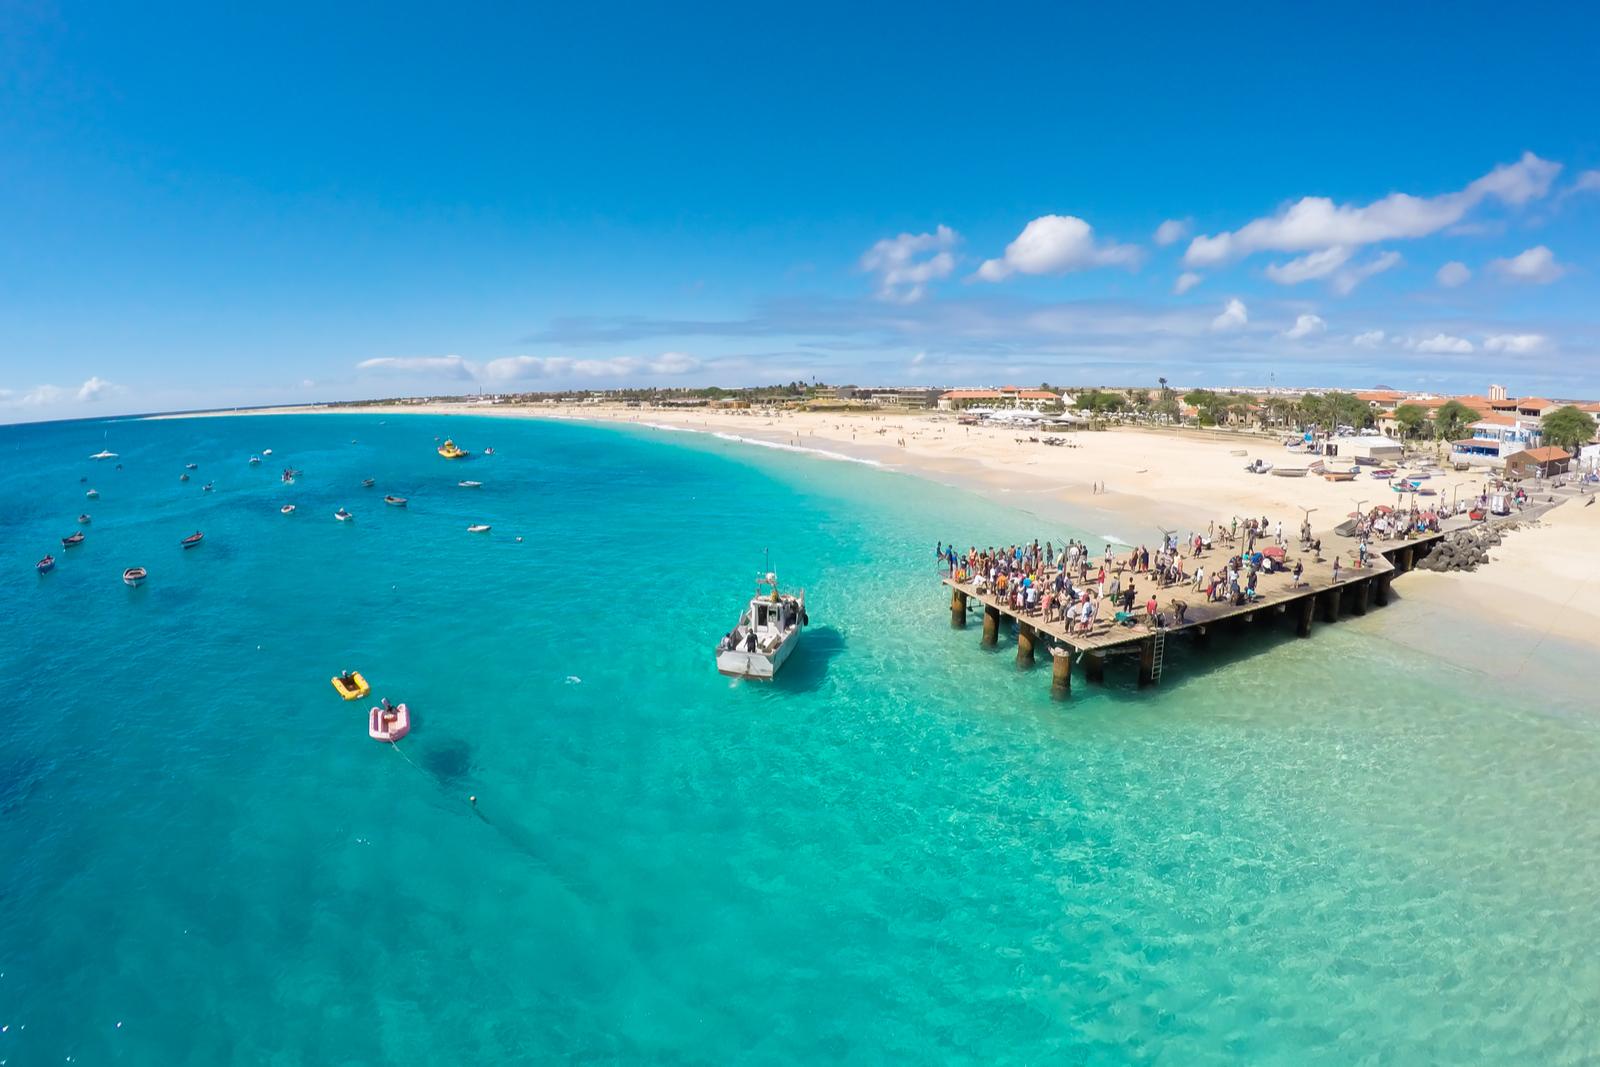 plaża na Wyspach Zielonego Przylądka